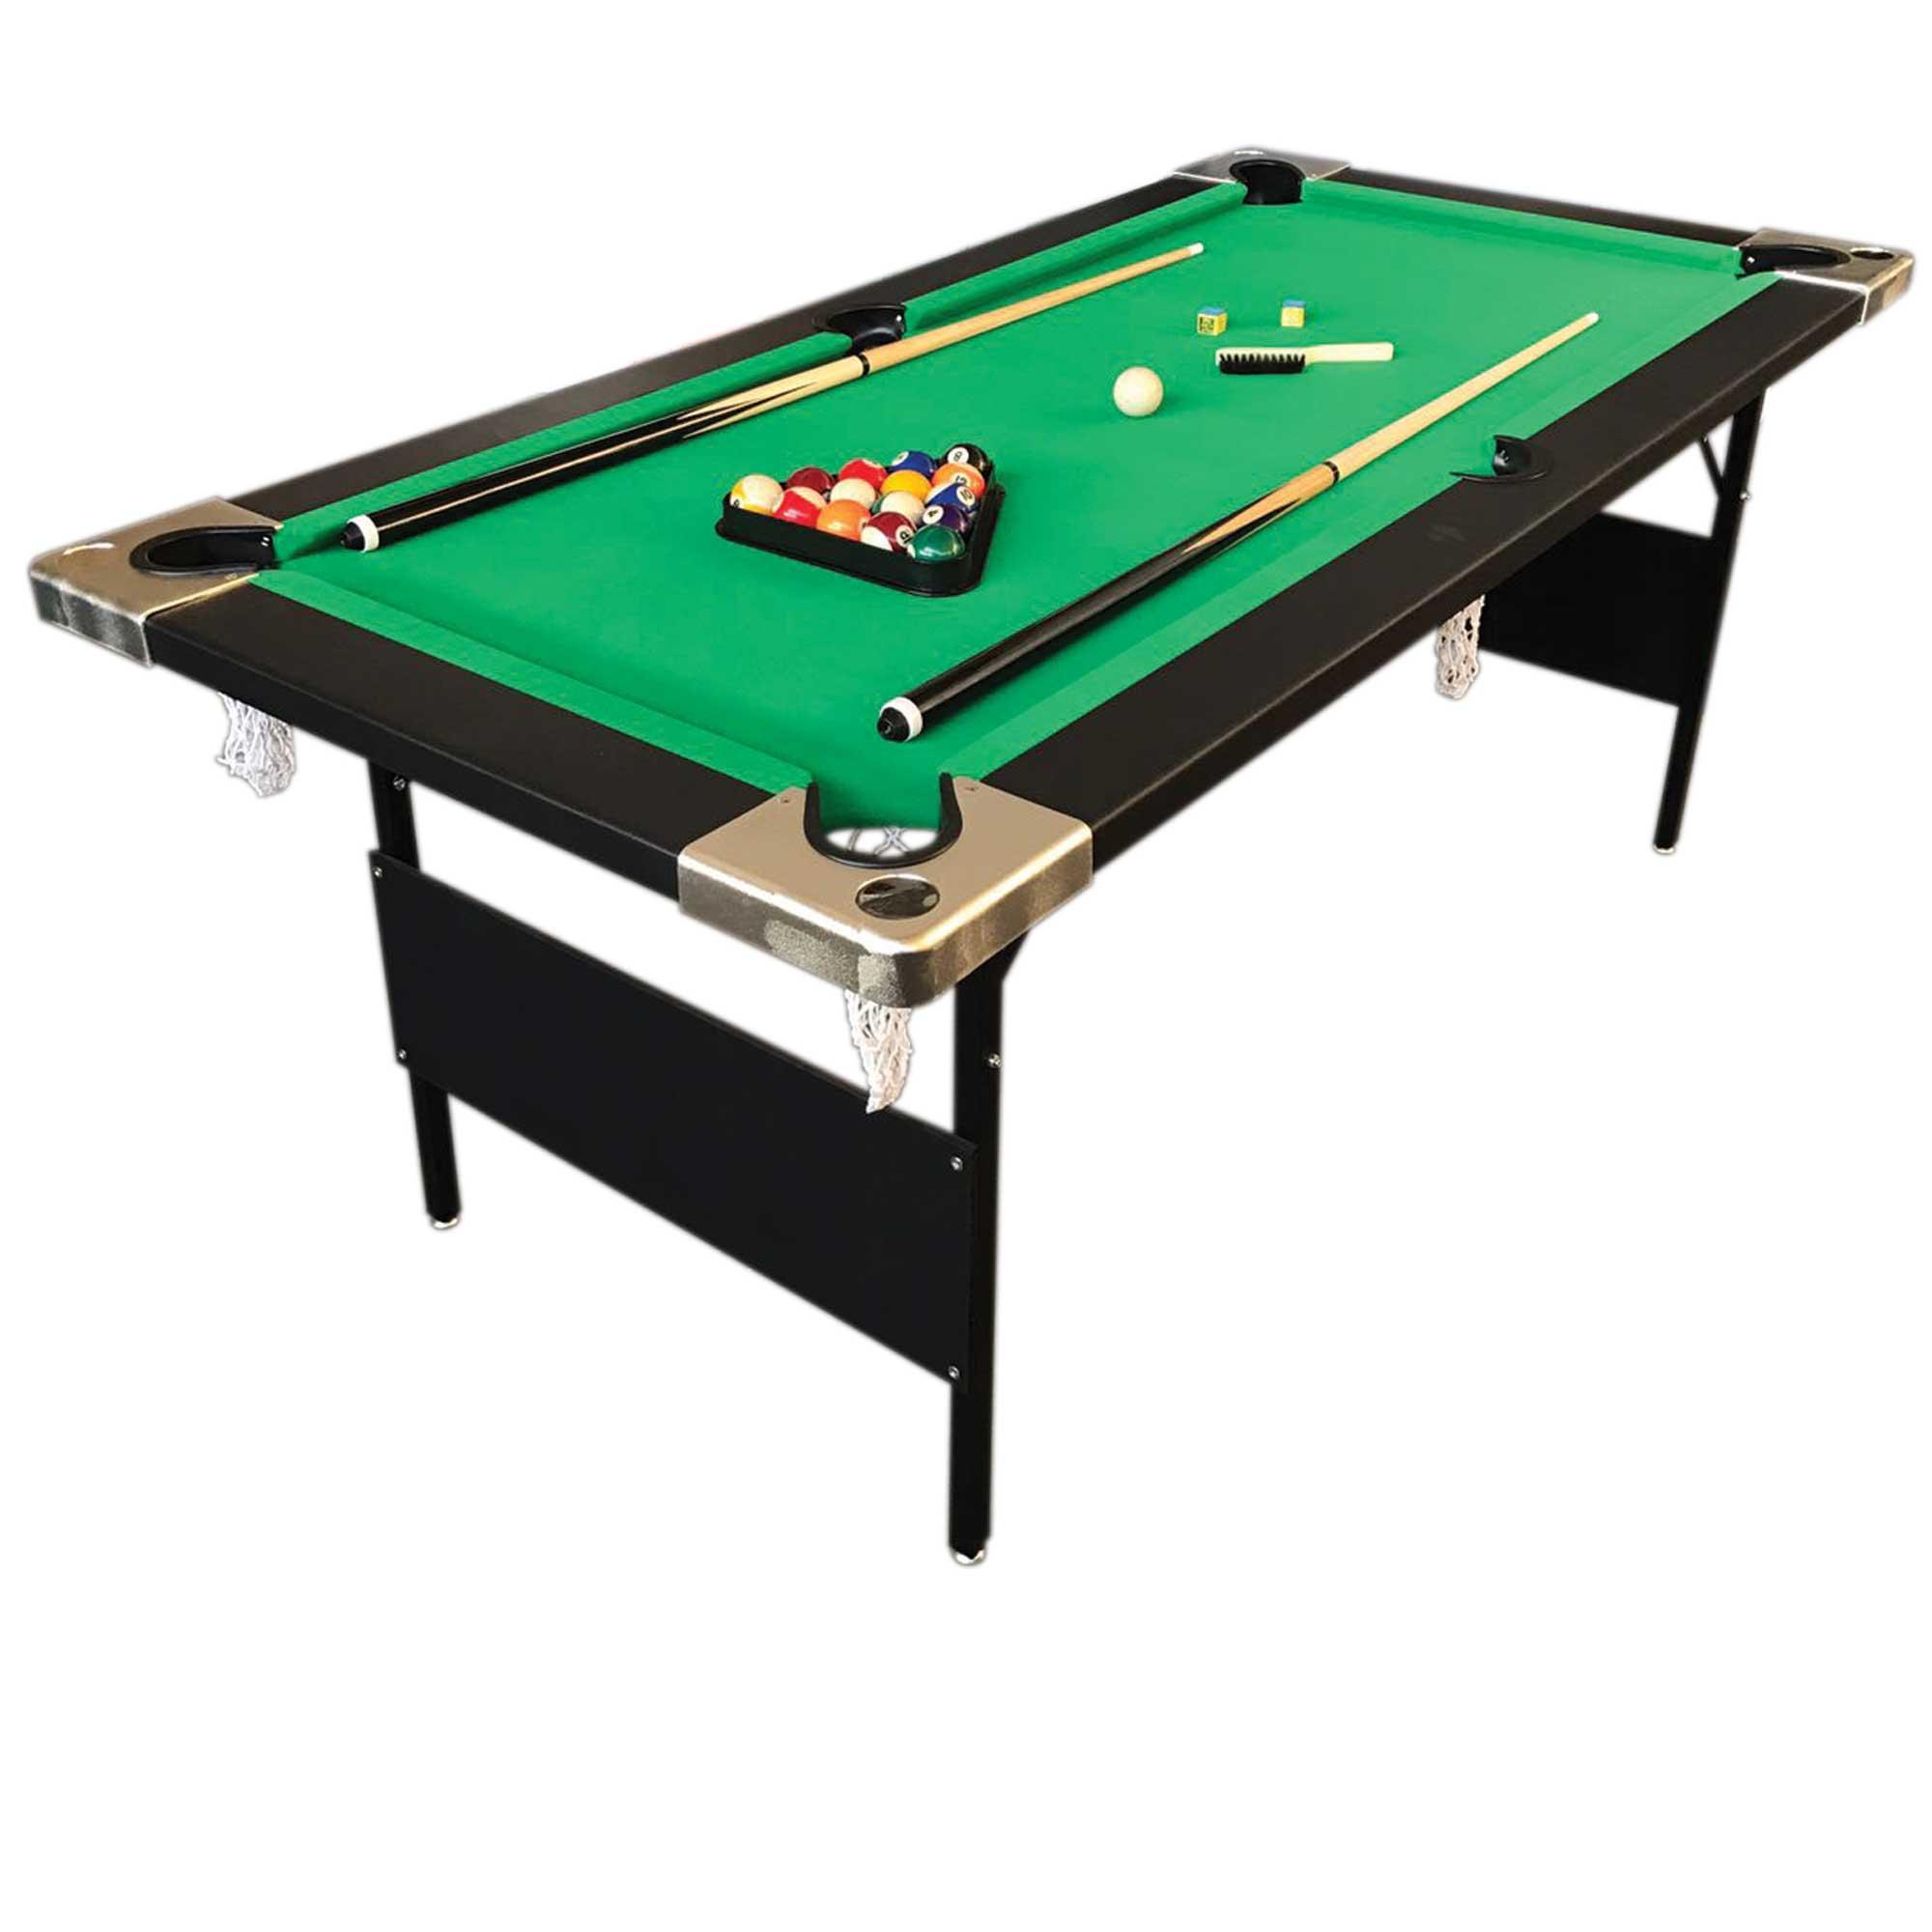 Aladin tavolo da biliardo 6 piedi pieghevole simba shopping - Tavolo da biliardo pieghevole ...